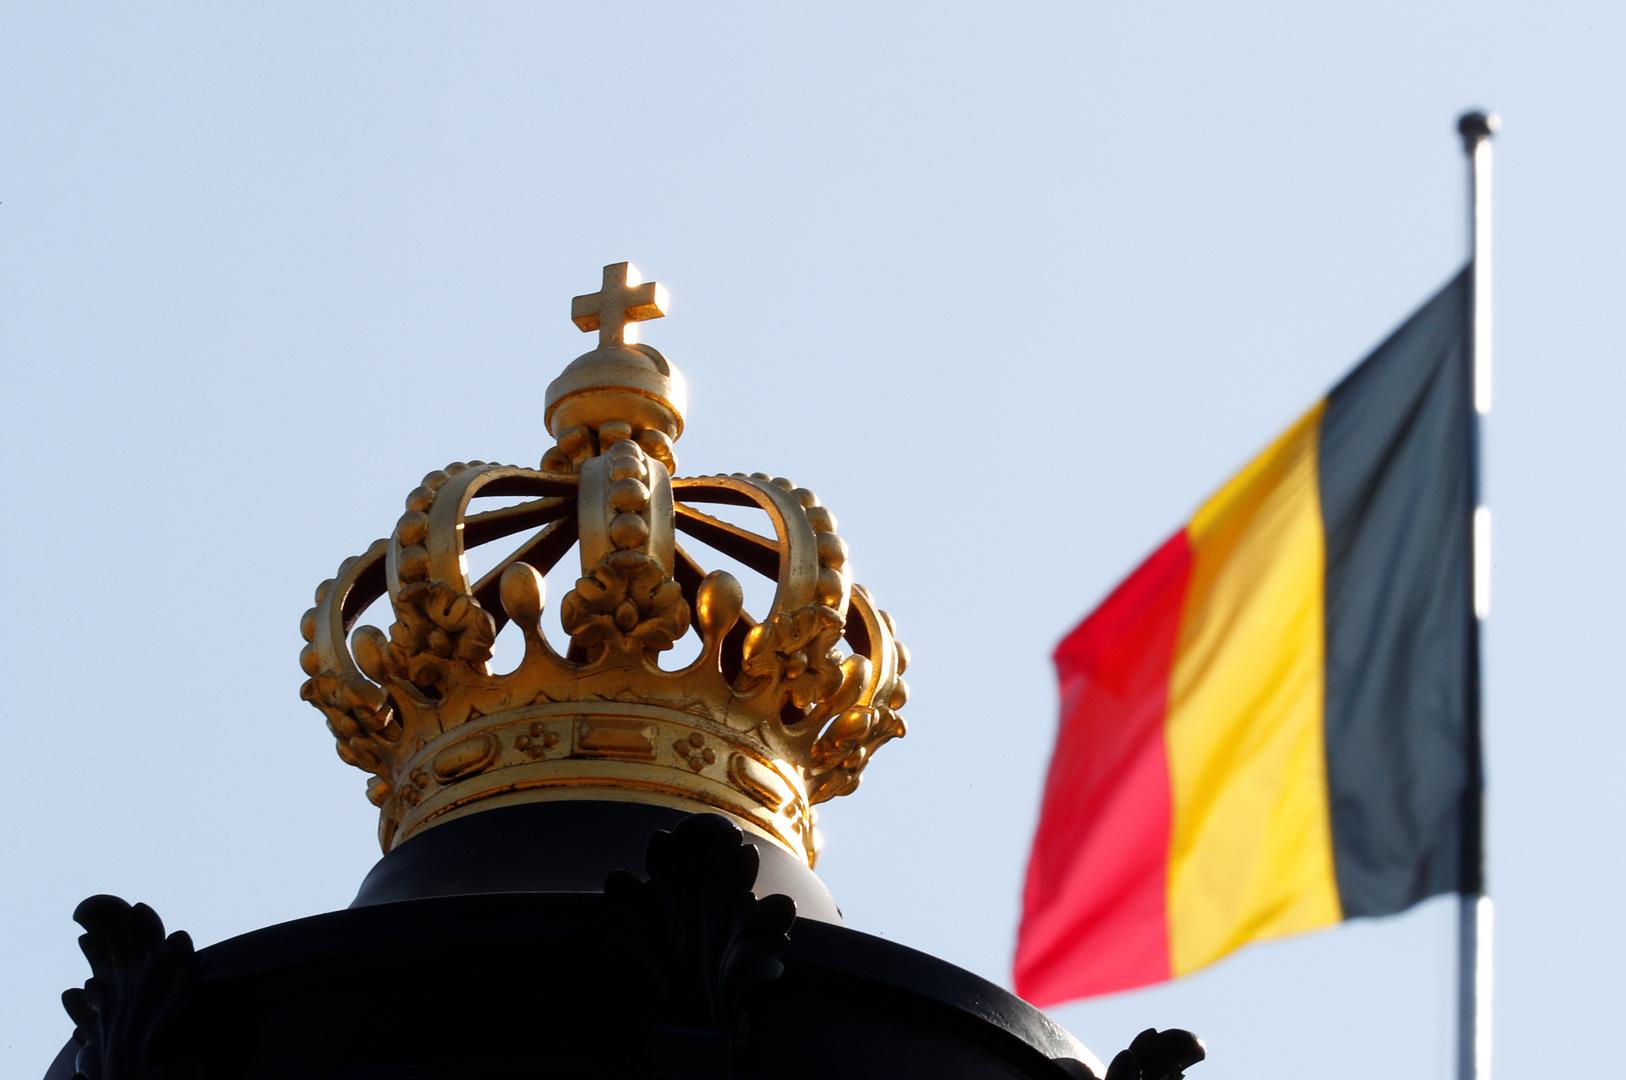 علم بلجيكا على القصر الملكي